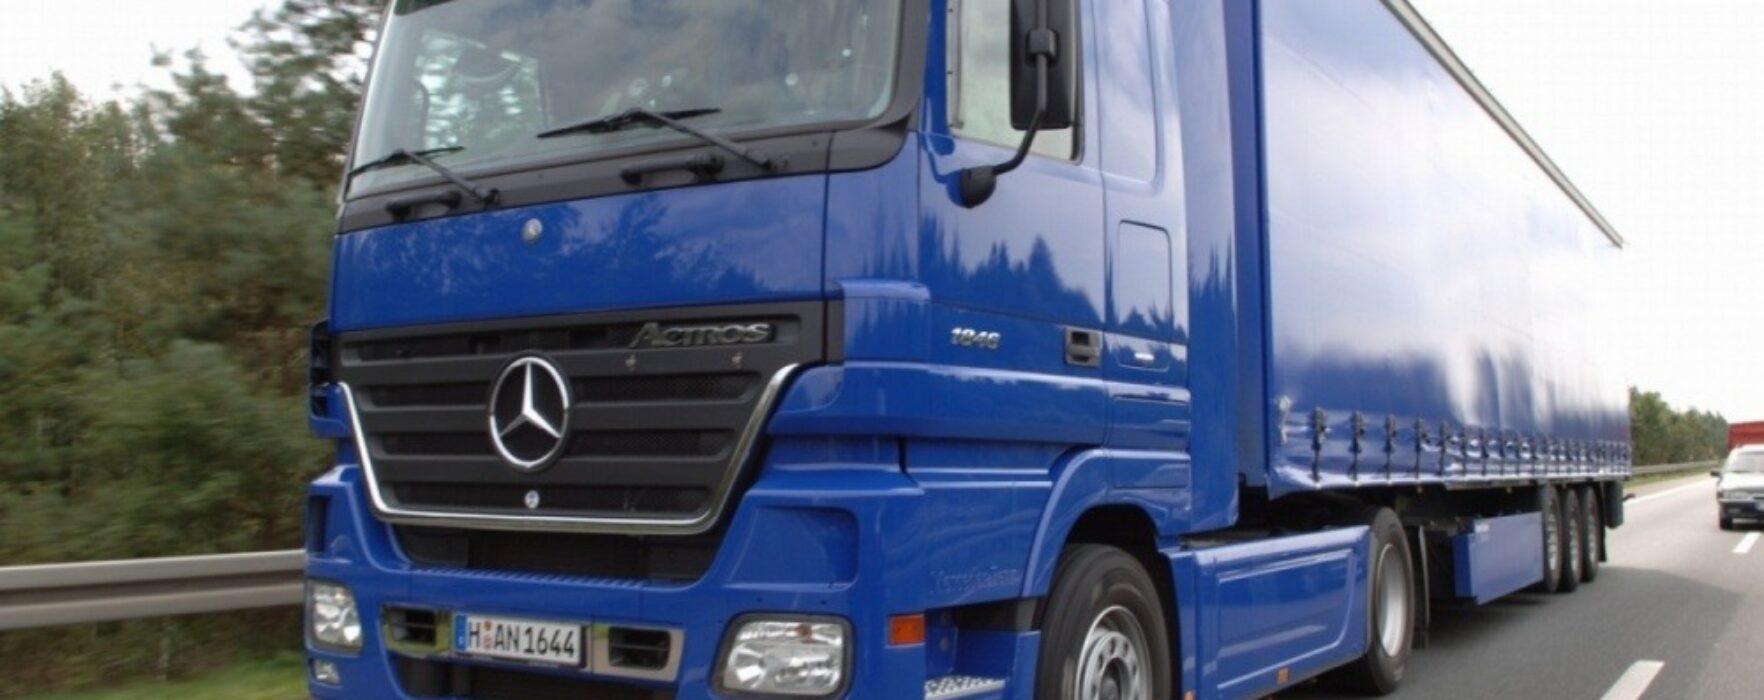 Se caută şoferi de camion în Marea Britanie, se oferă 9-13 lire pe oră